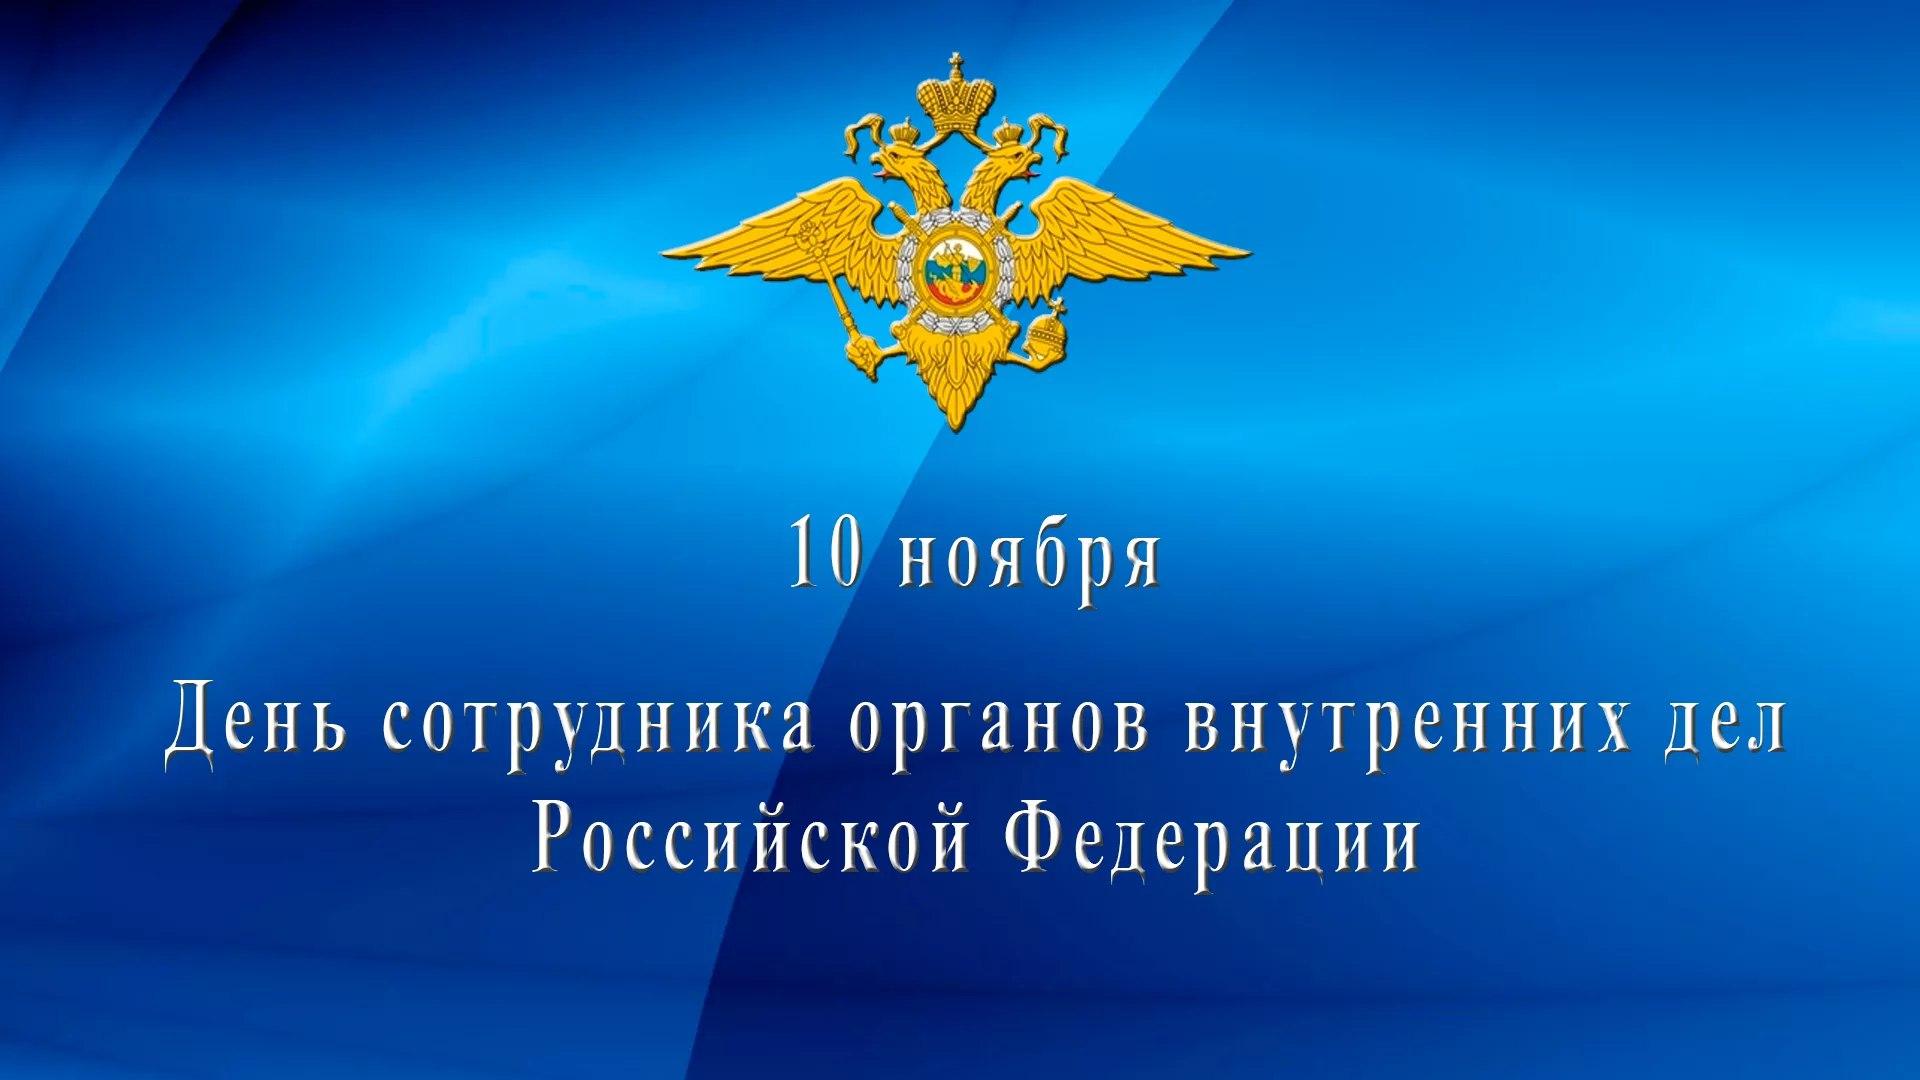 Поздравление с праздником внутренних органов